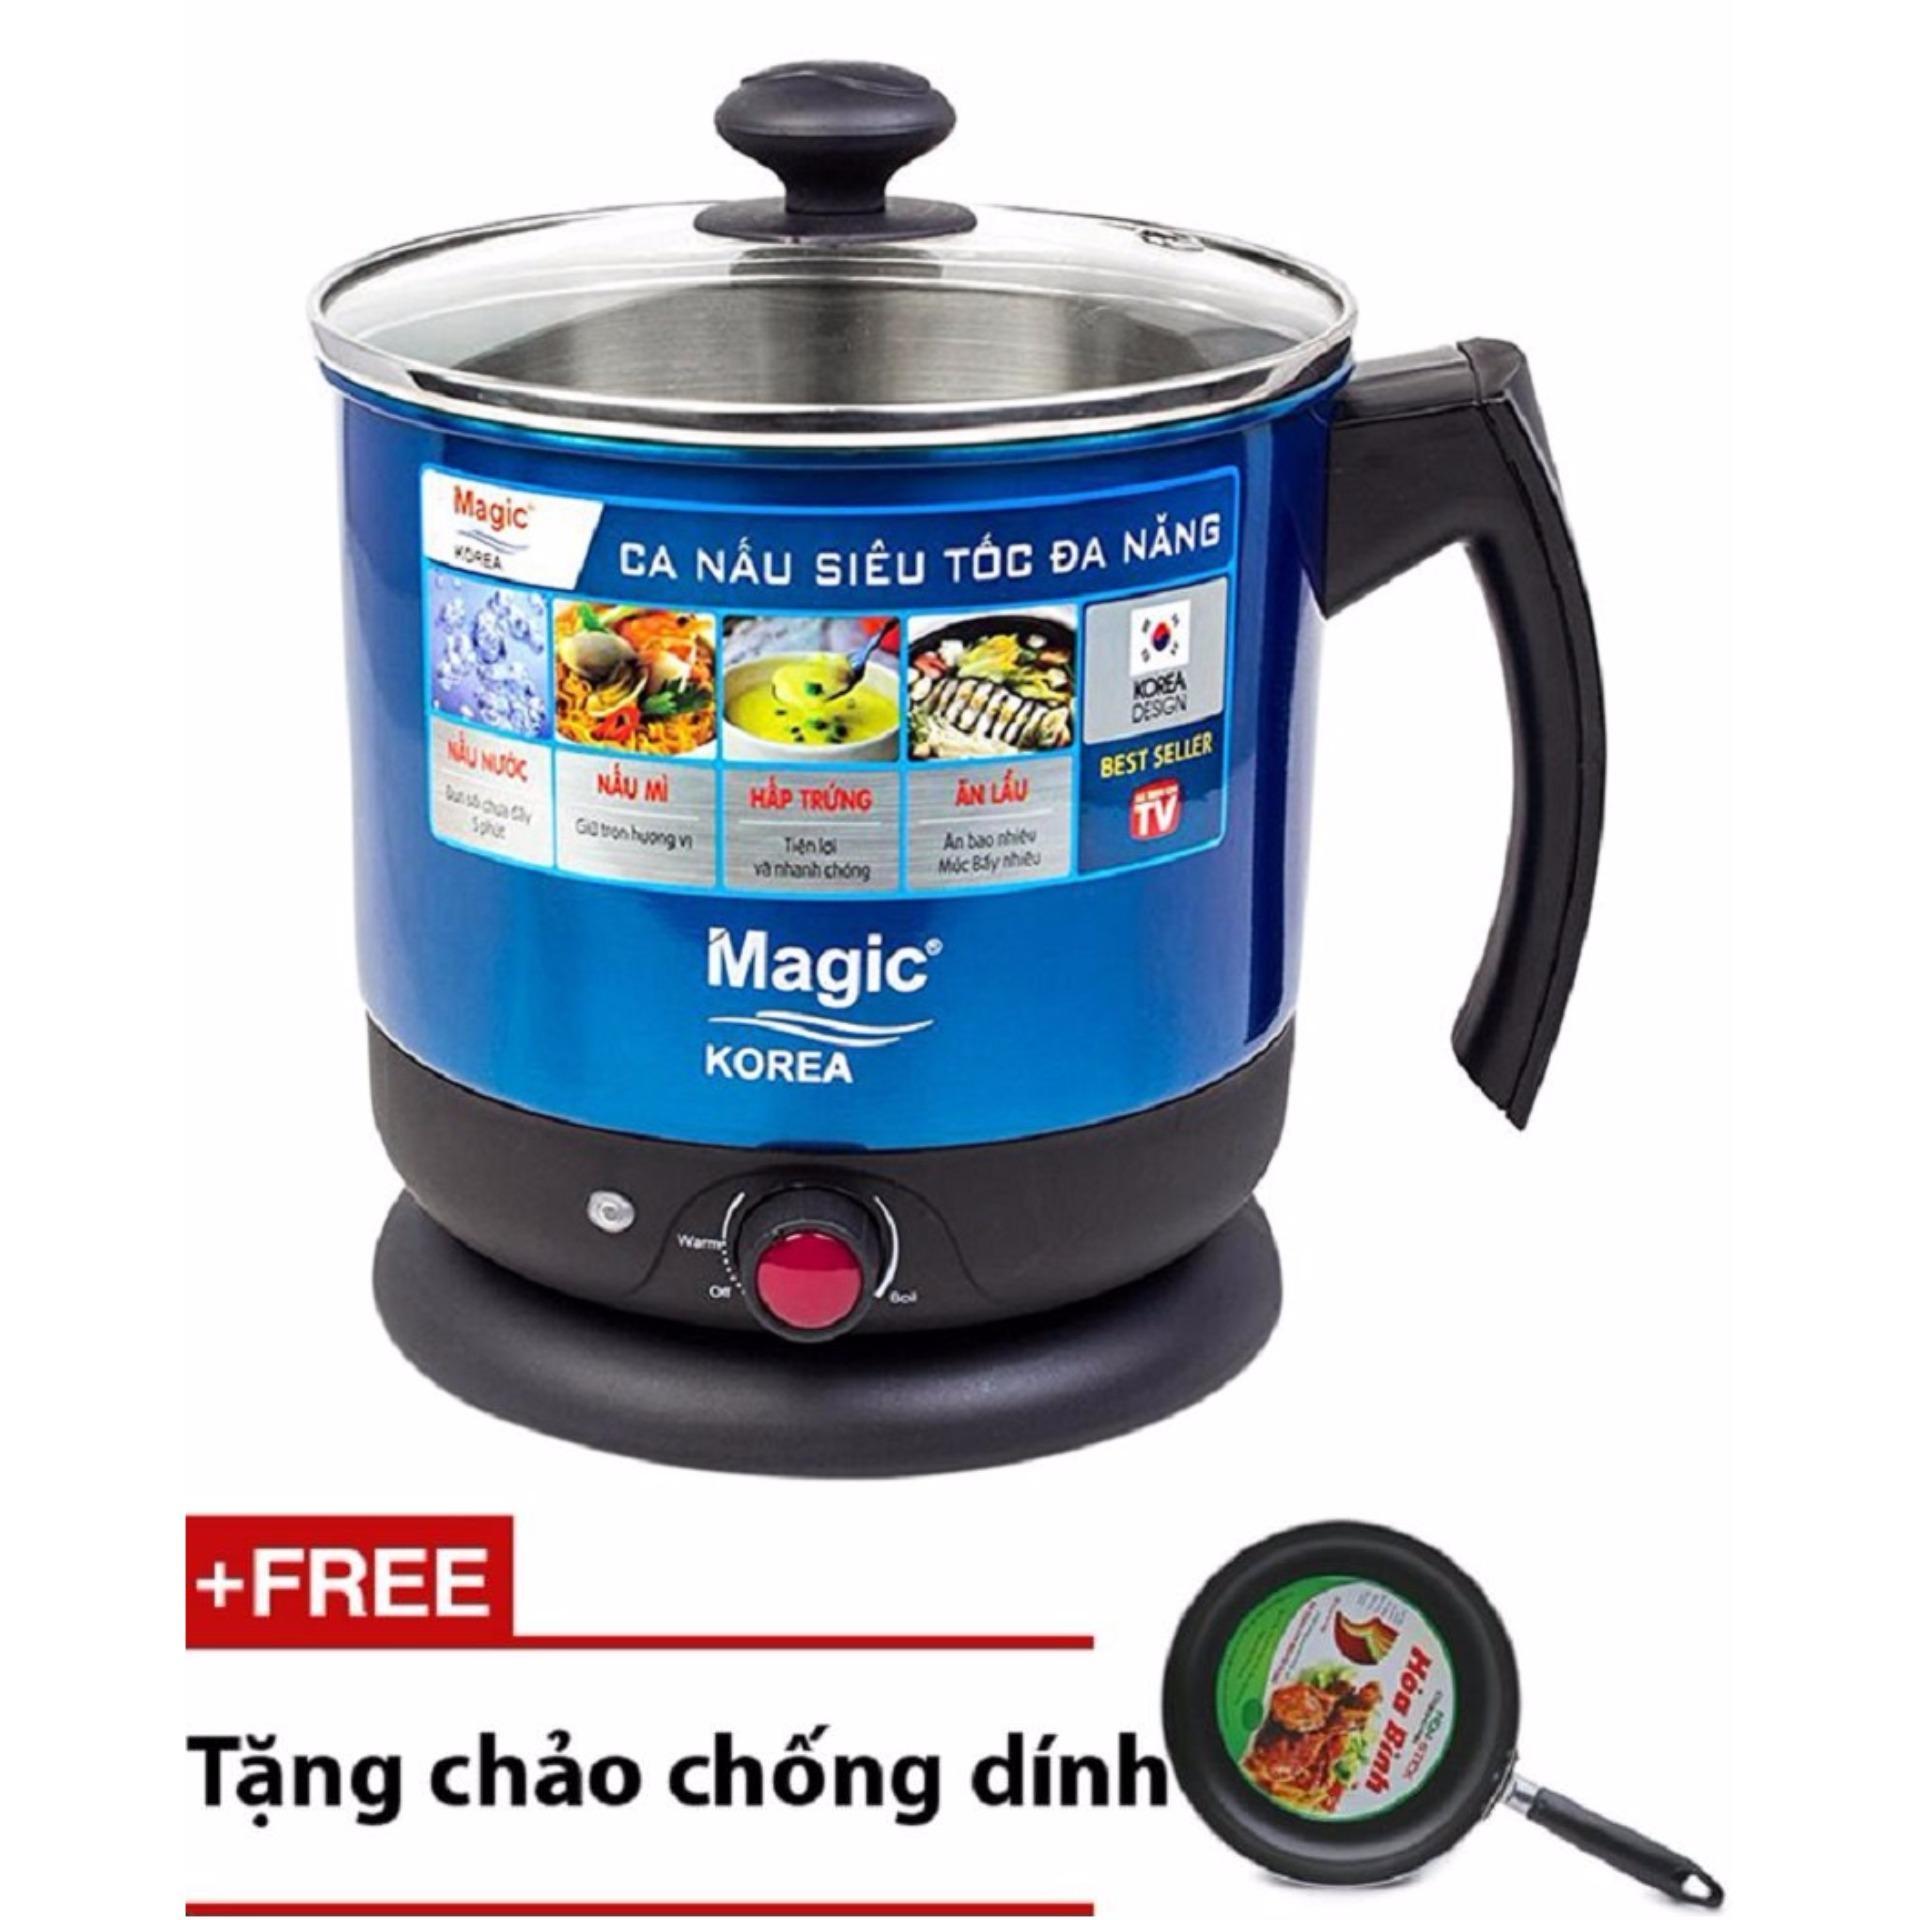 Vì sao mua Ca nấu lẩu siêu tốc đa năng Magic A-07 + Tặng Chảo Chống Dính Cao Cấp